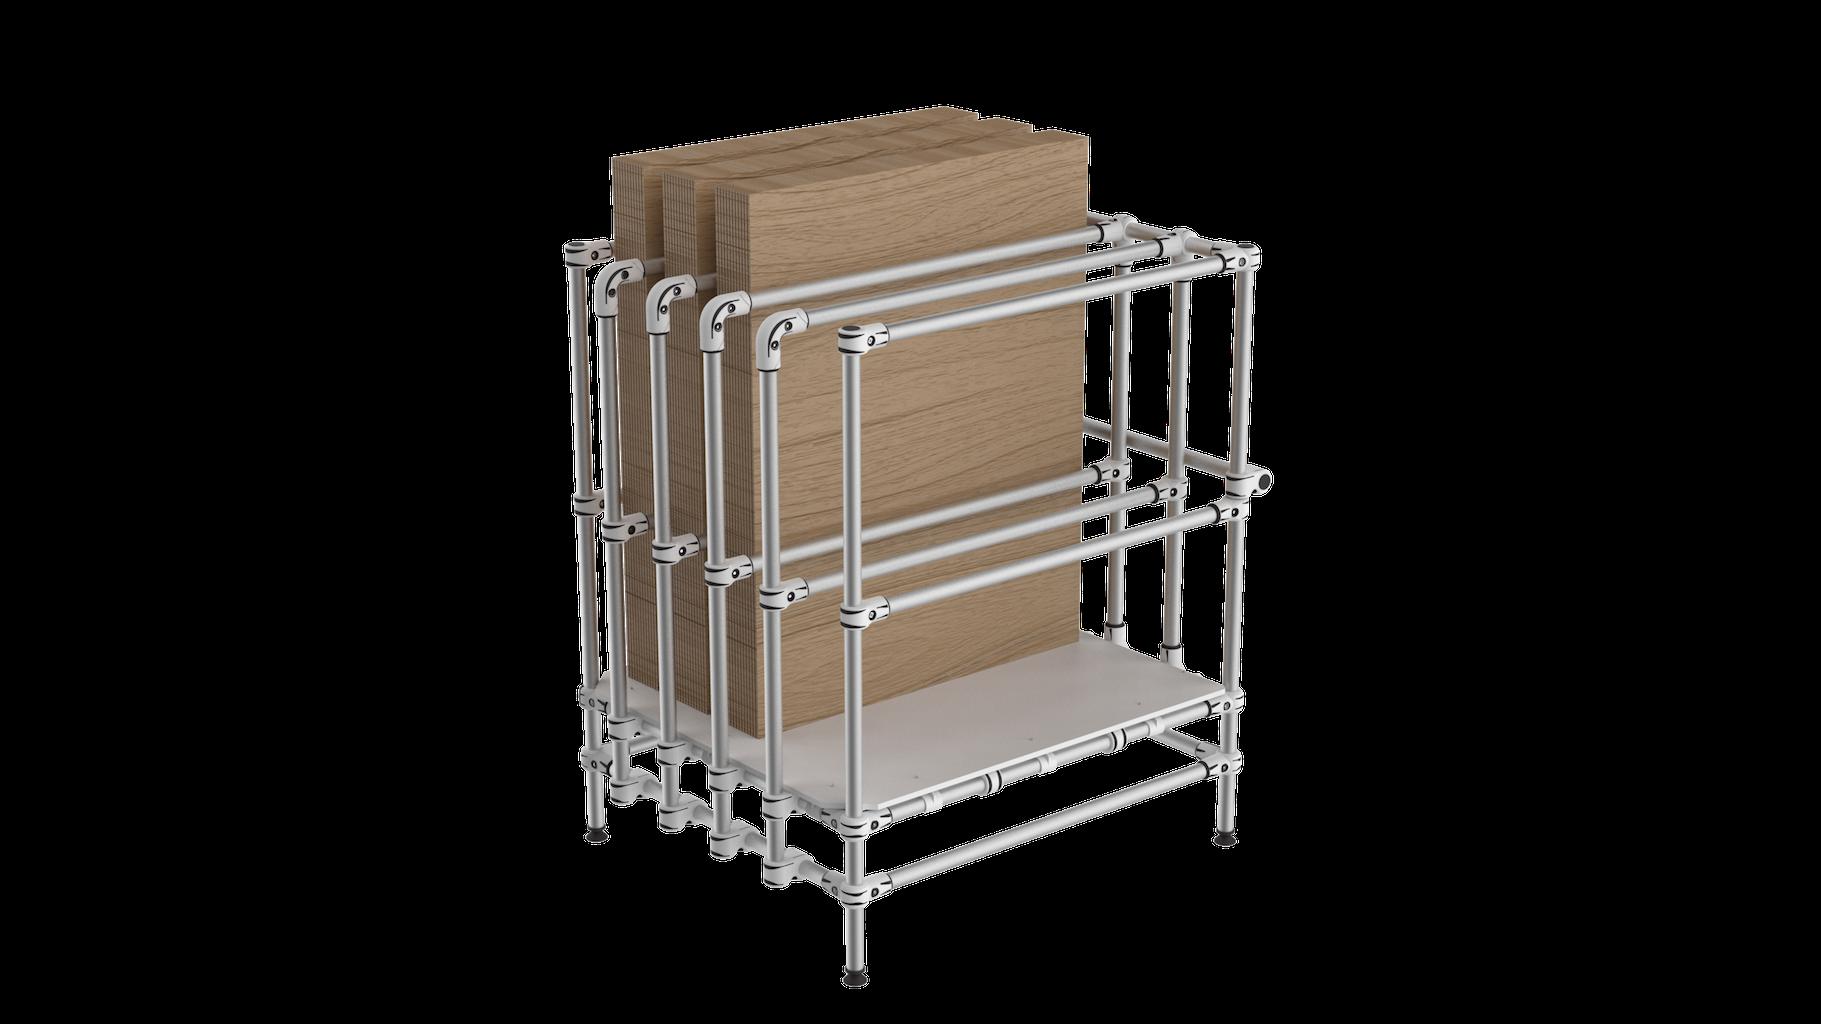 Vertical board storage